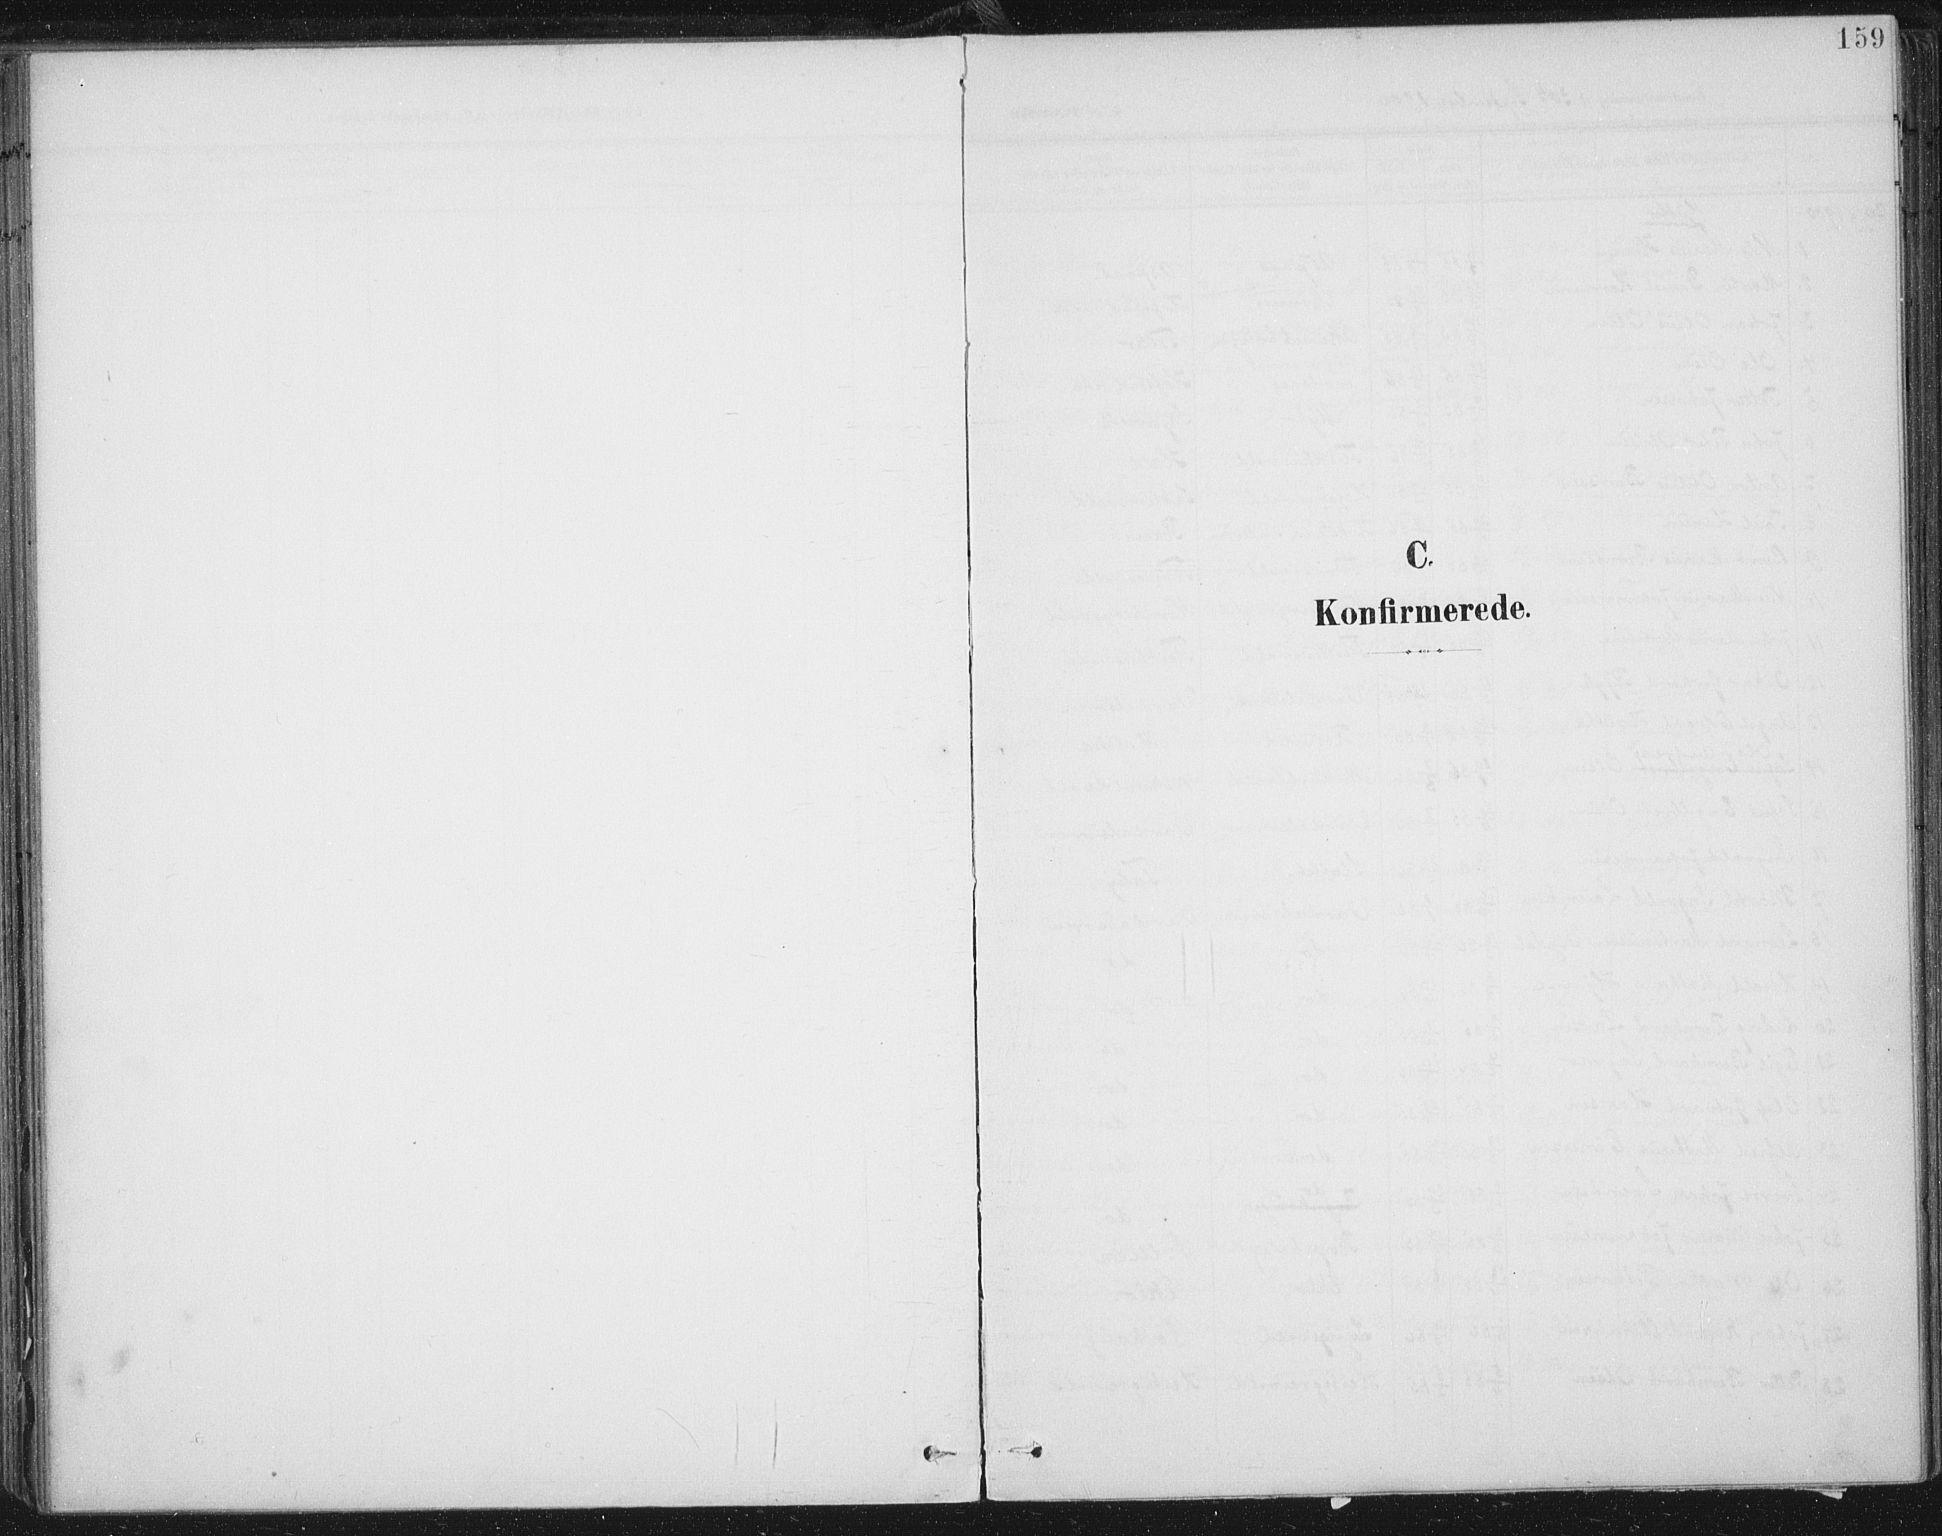 SAT, Ministerialprotokoller, klokkerbøker og fødselsregistre - Nord-Trøndelag, 723/L0246: Ministerialbok nr. 723A15, 1900-1917, s. 159